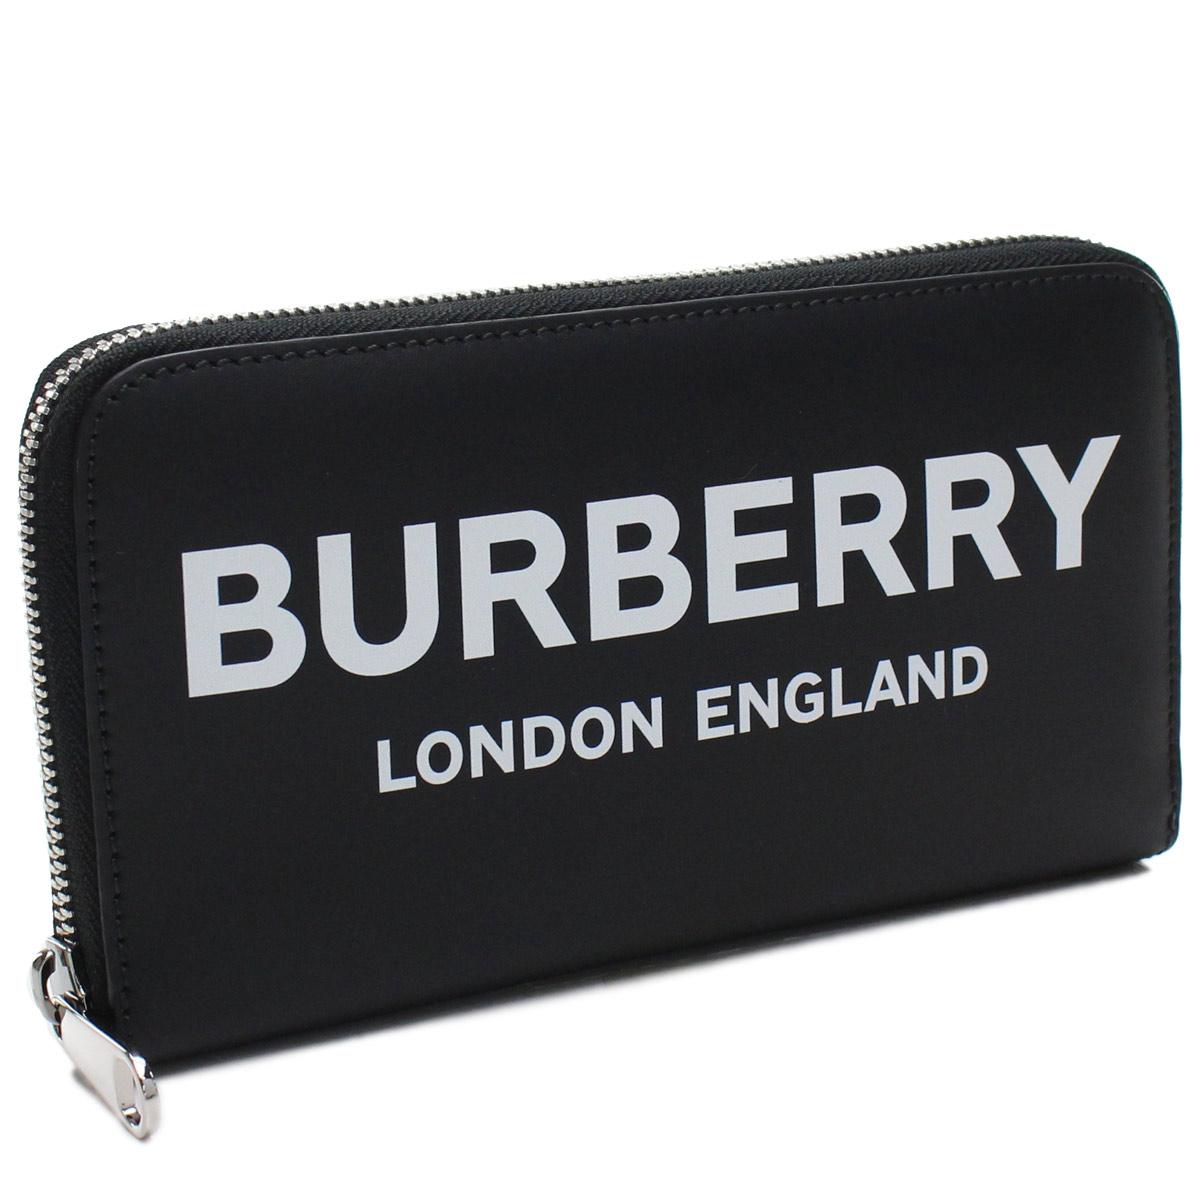 バーバリー BURBERRY ロゴブリント ラウンドファスナー 長財布 8009211 A1189 BLACK ブラック 【メンズ】